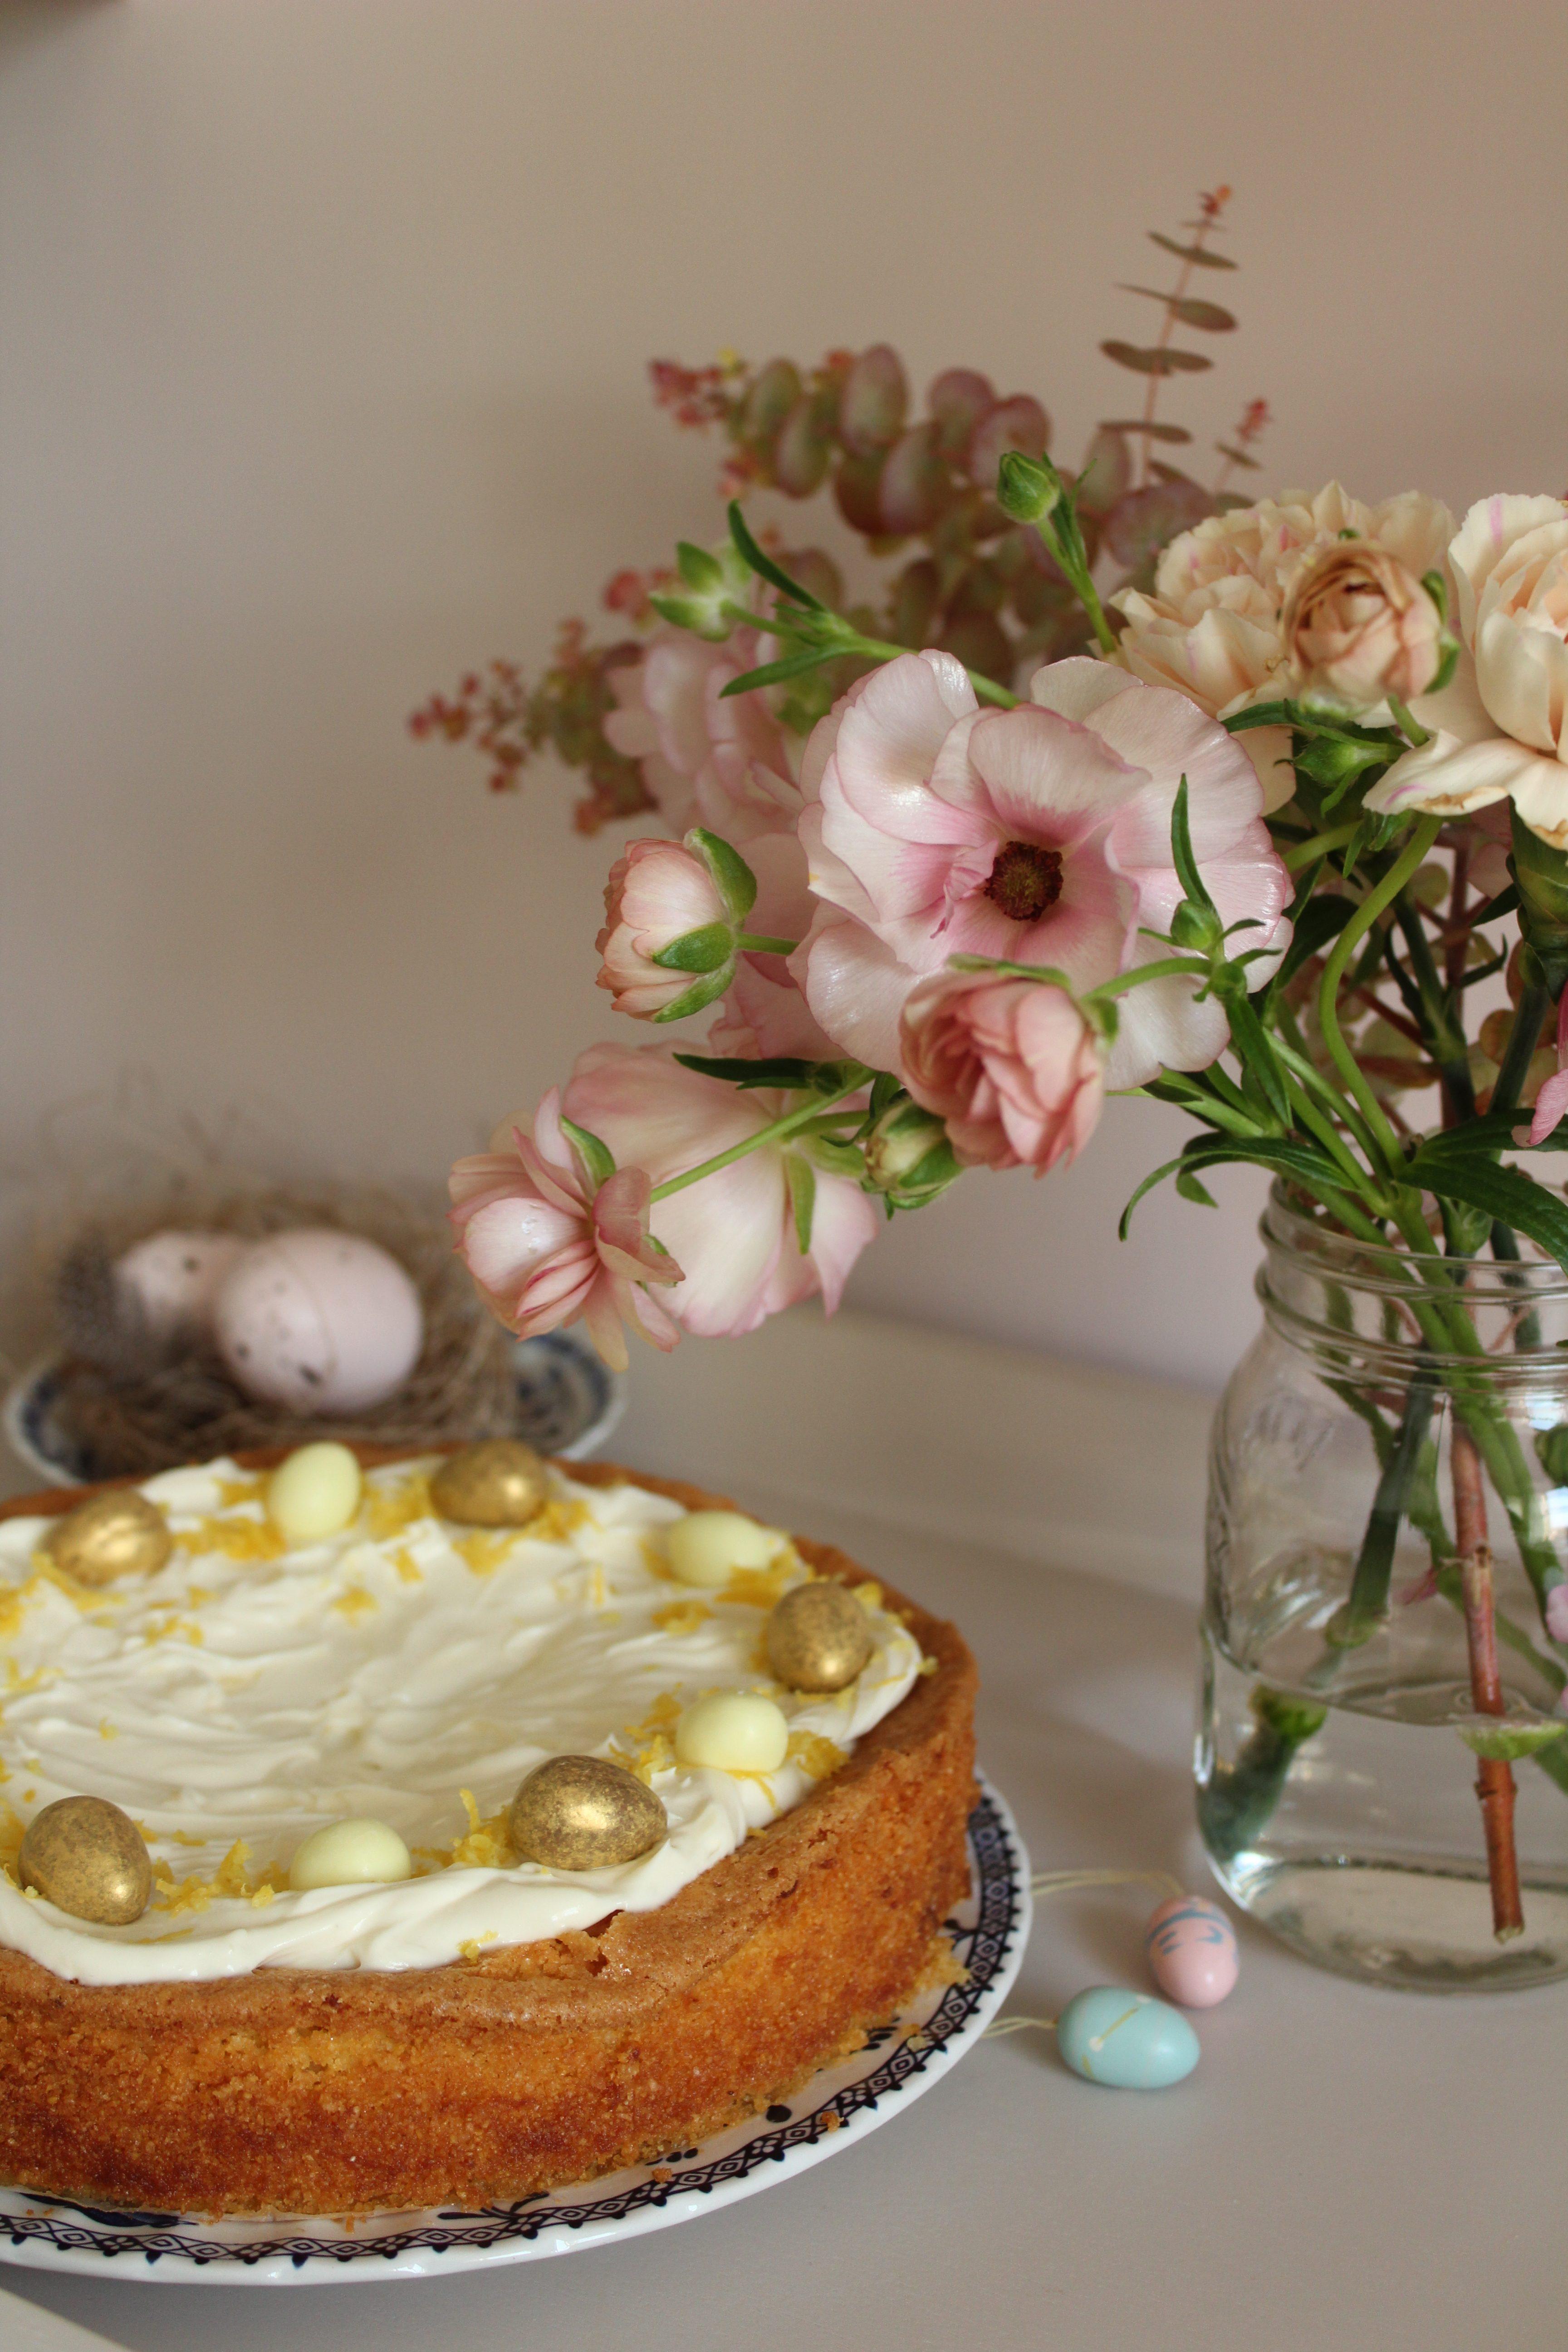 Lemon Polenta Cake with Mascarpone